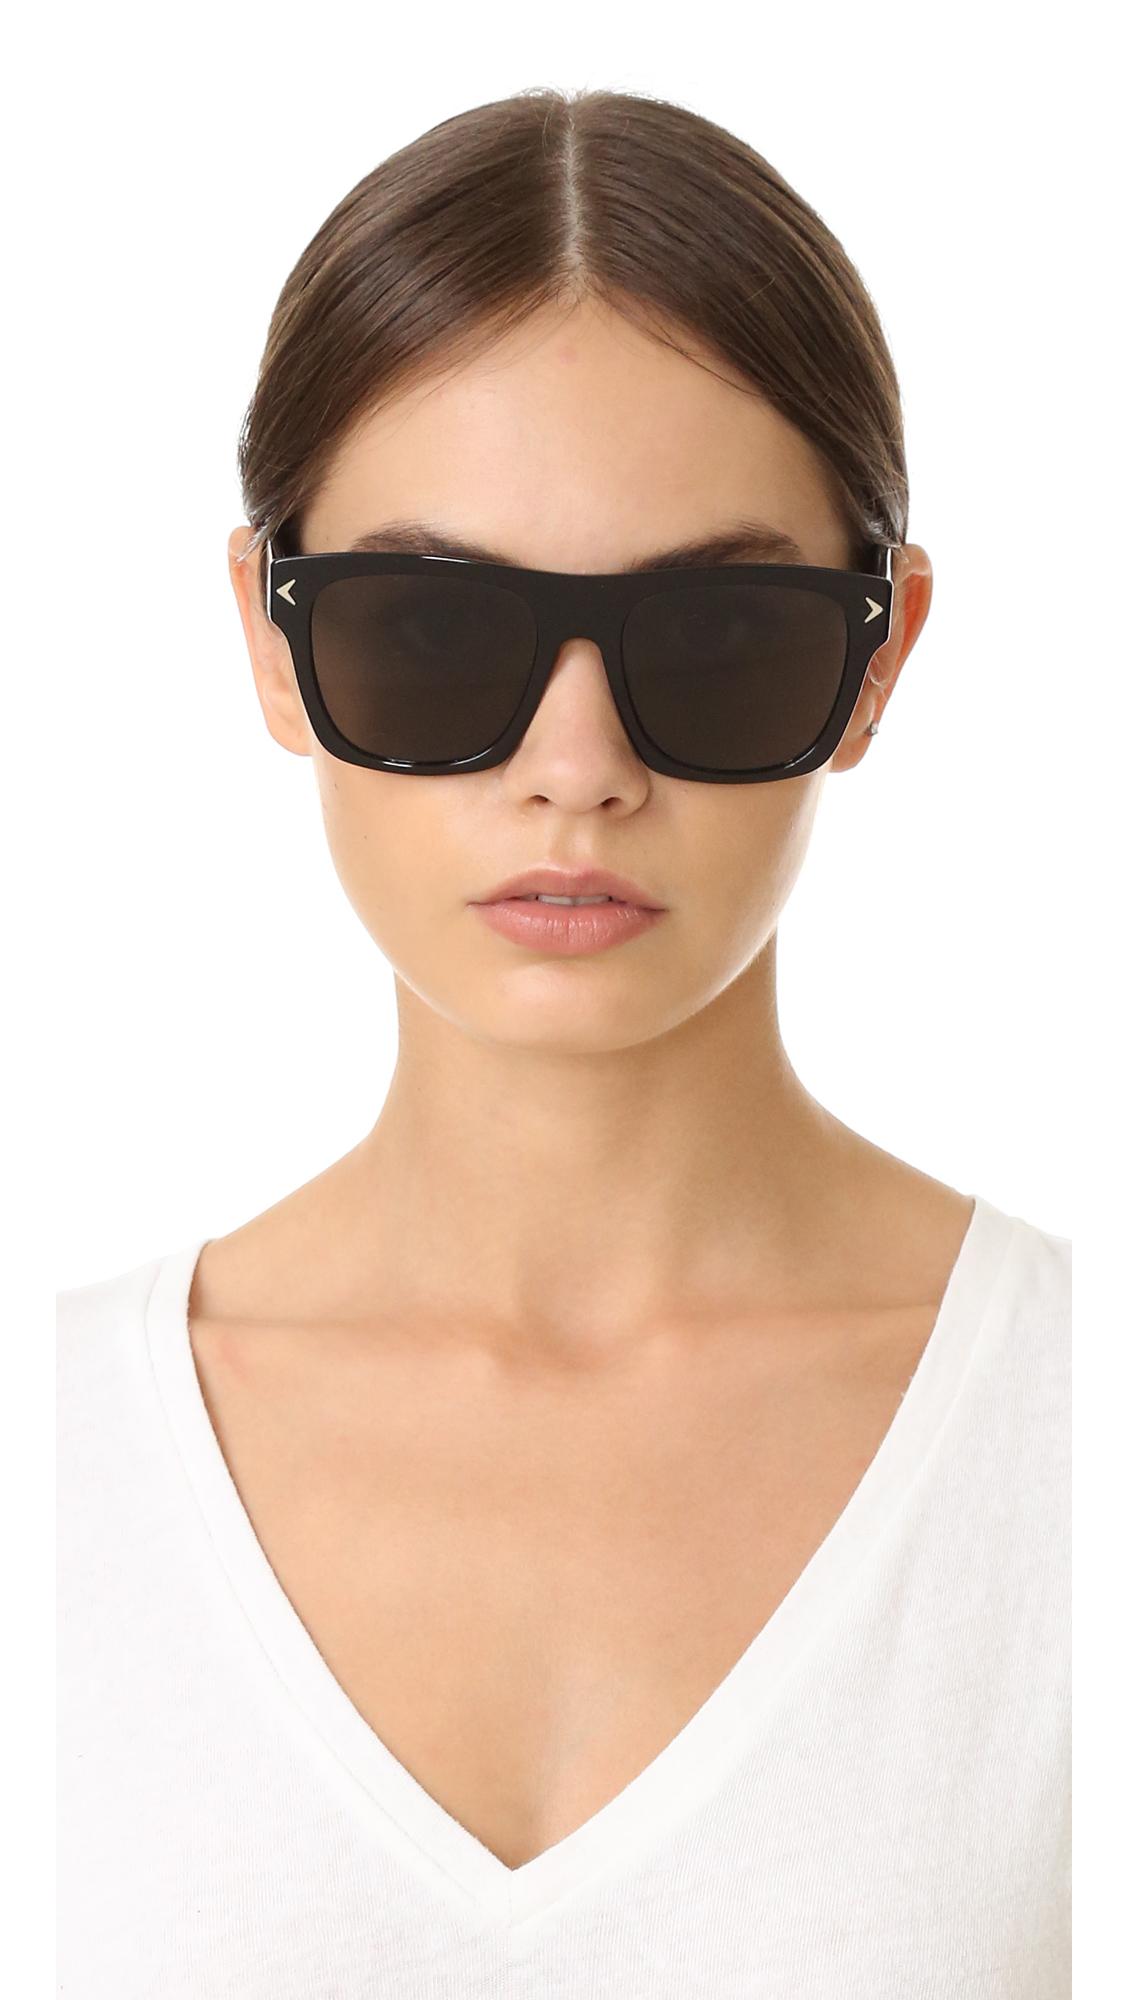 94ace9b2ed5 Flat Top Sunglasses